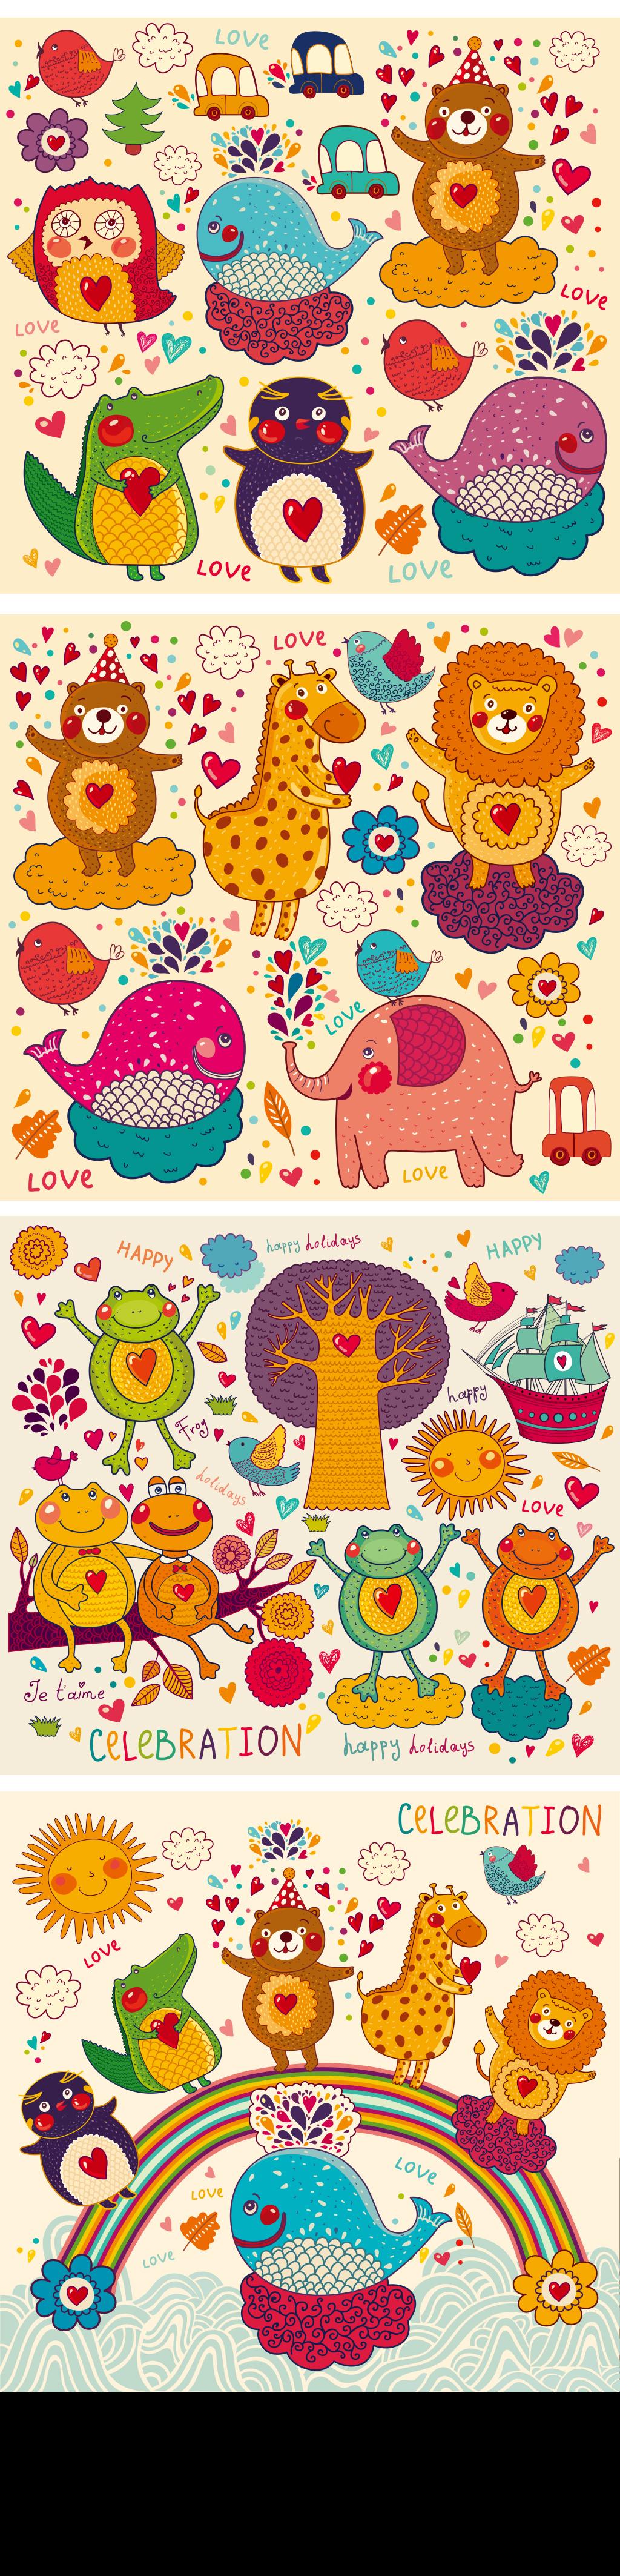 卡通可爱手绘动物植物插画ai矢量素材合集